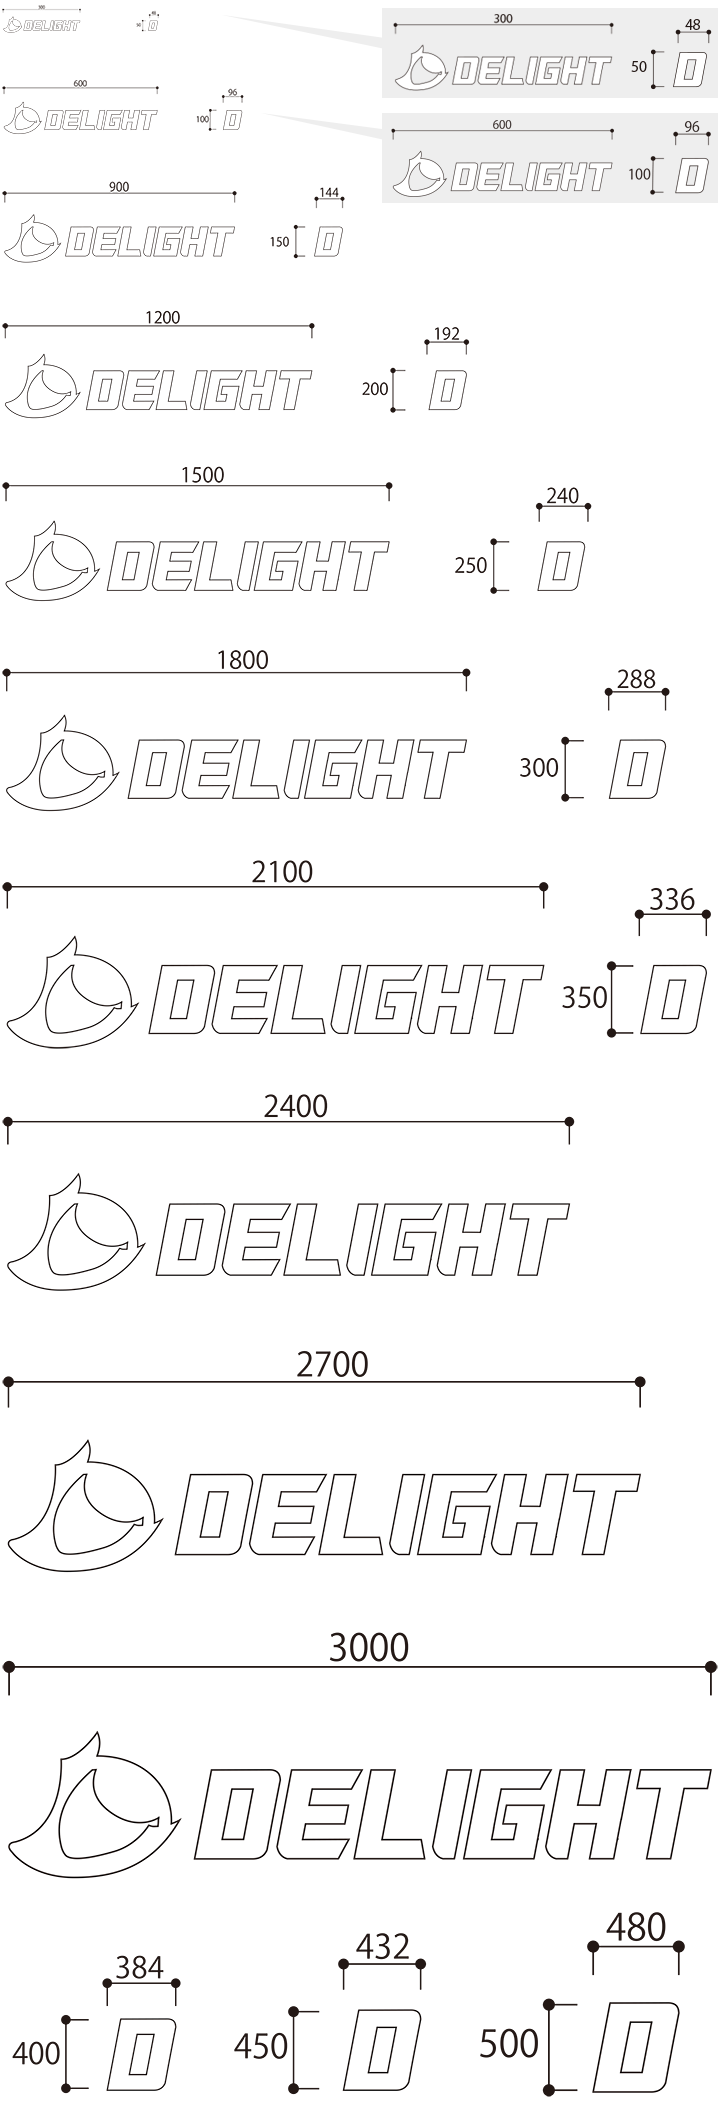 デイライトサイズ表